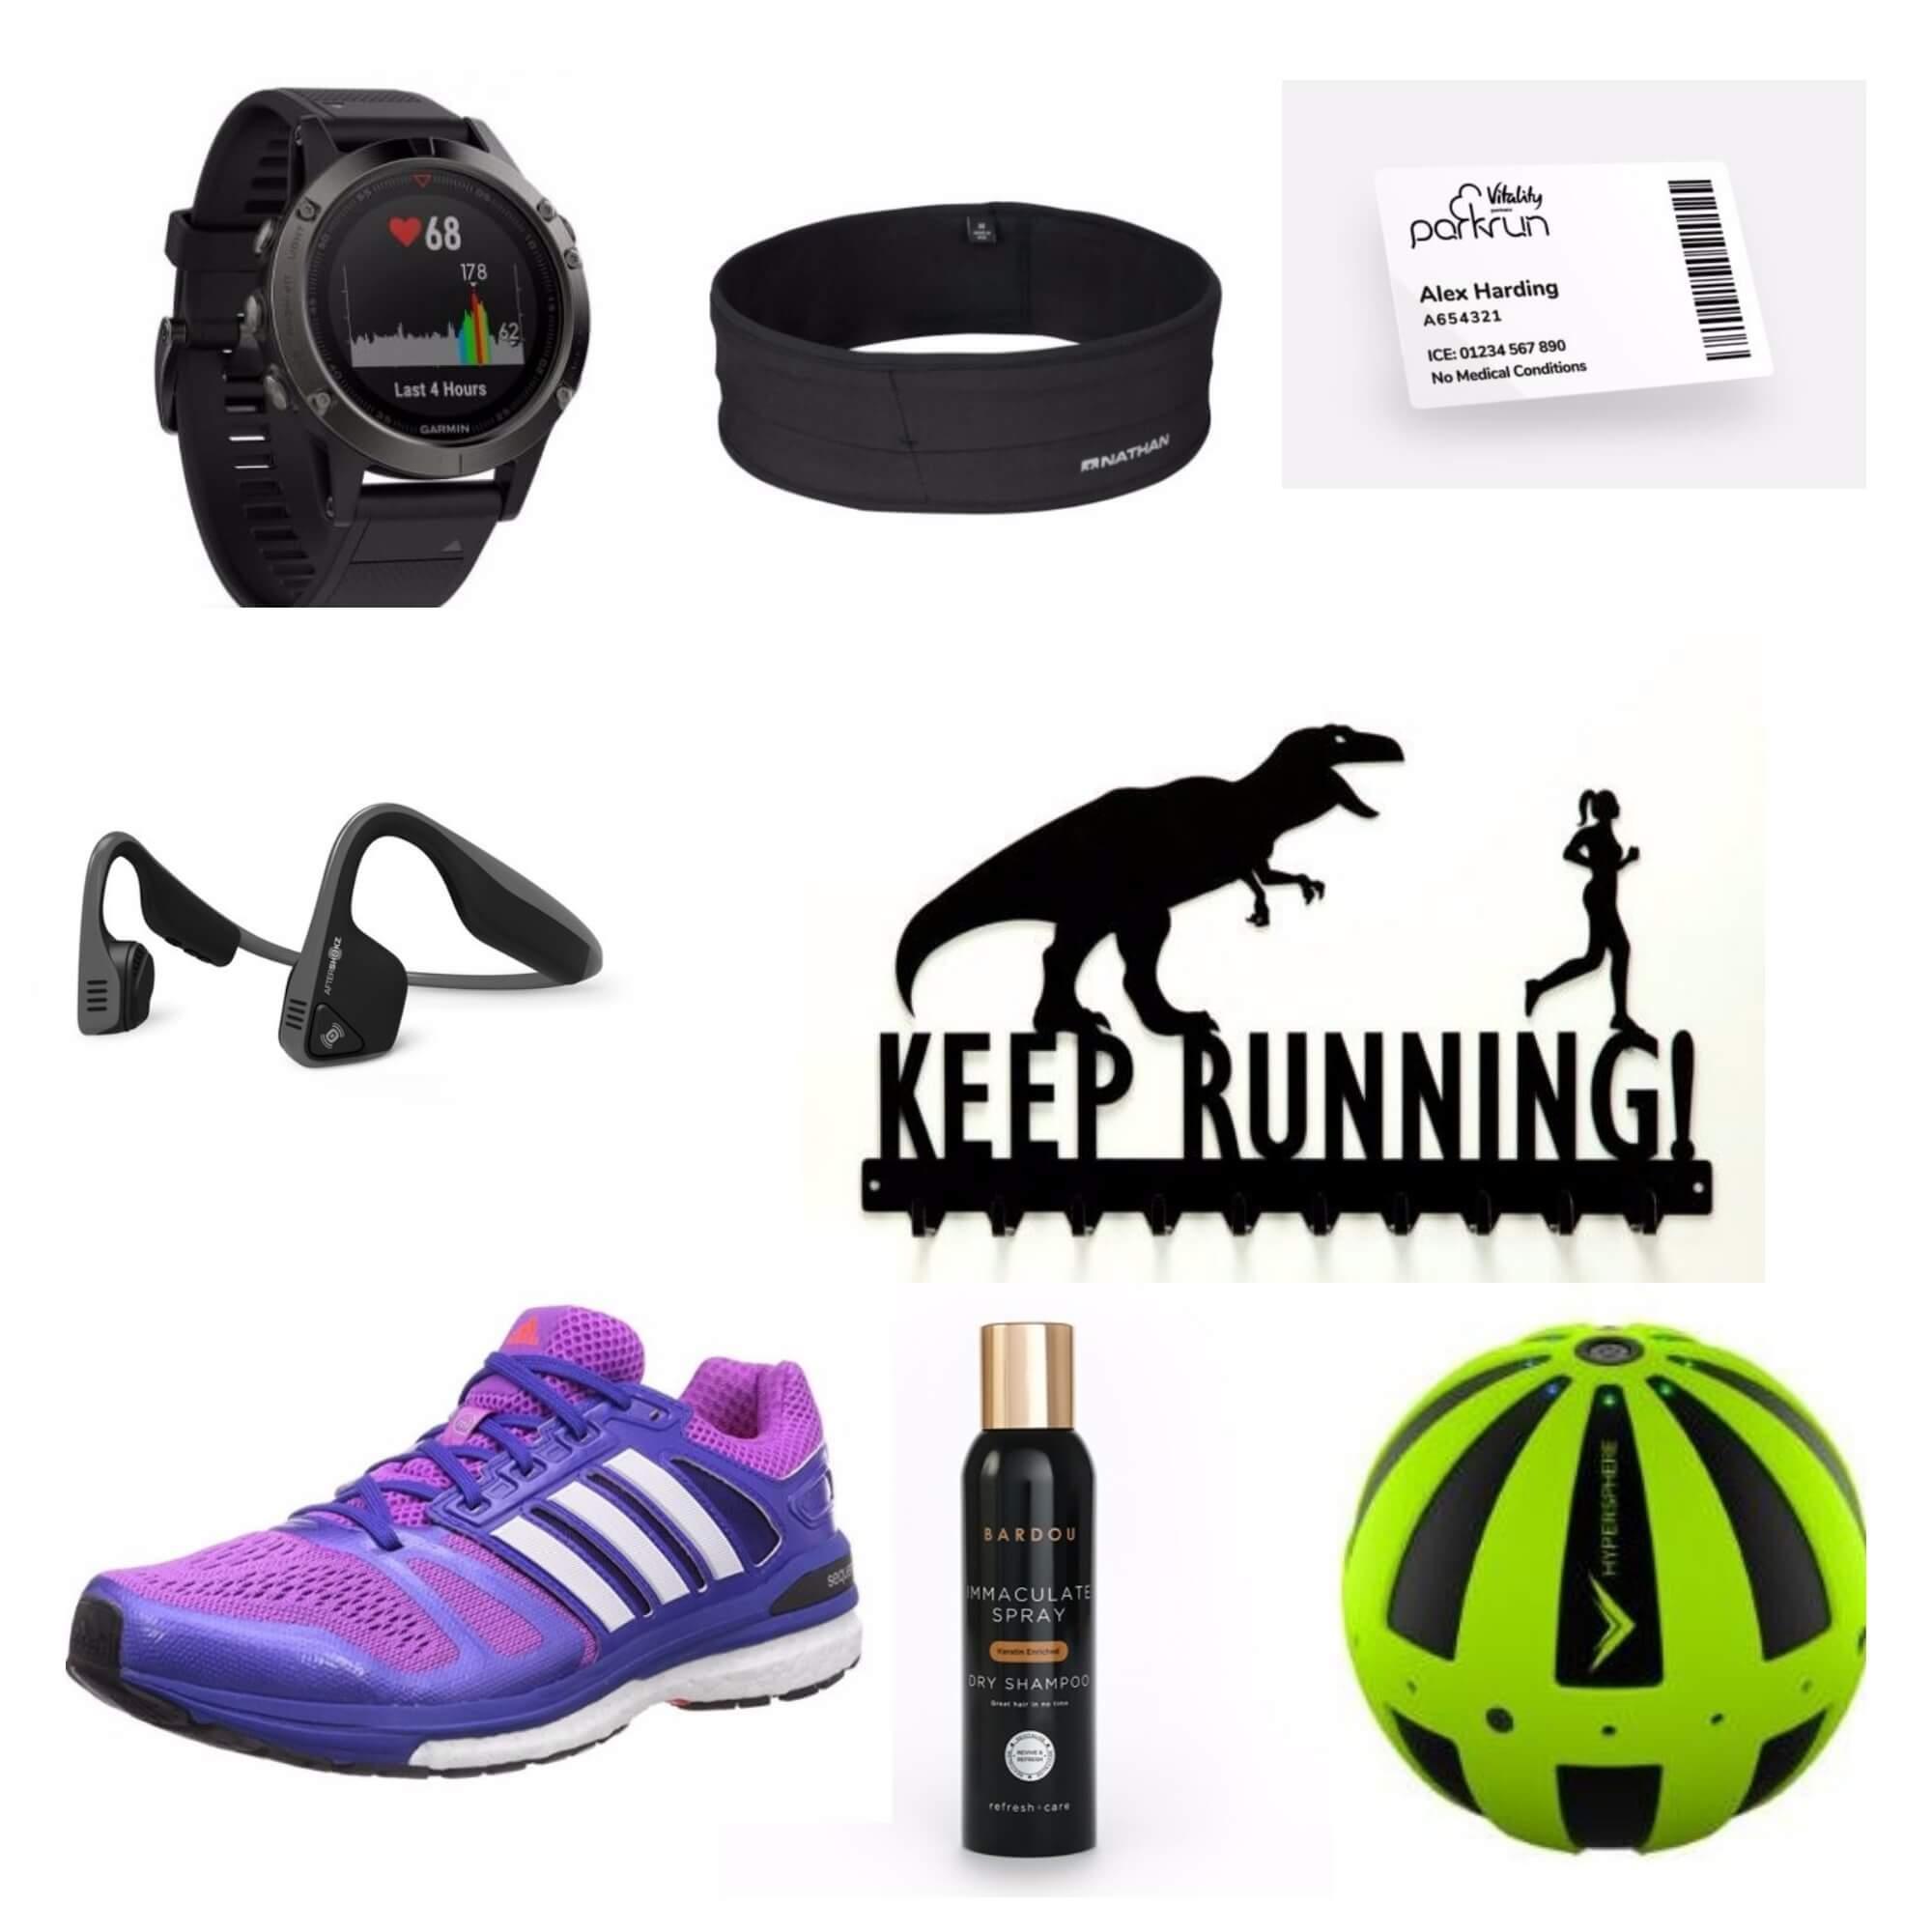 Runner wishlist